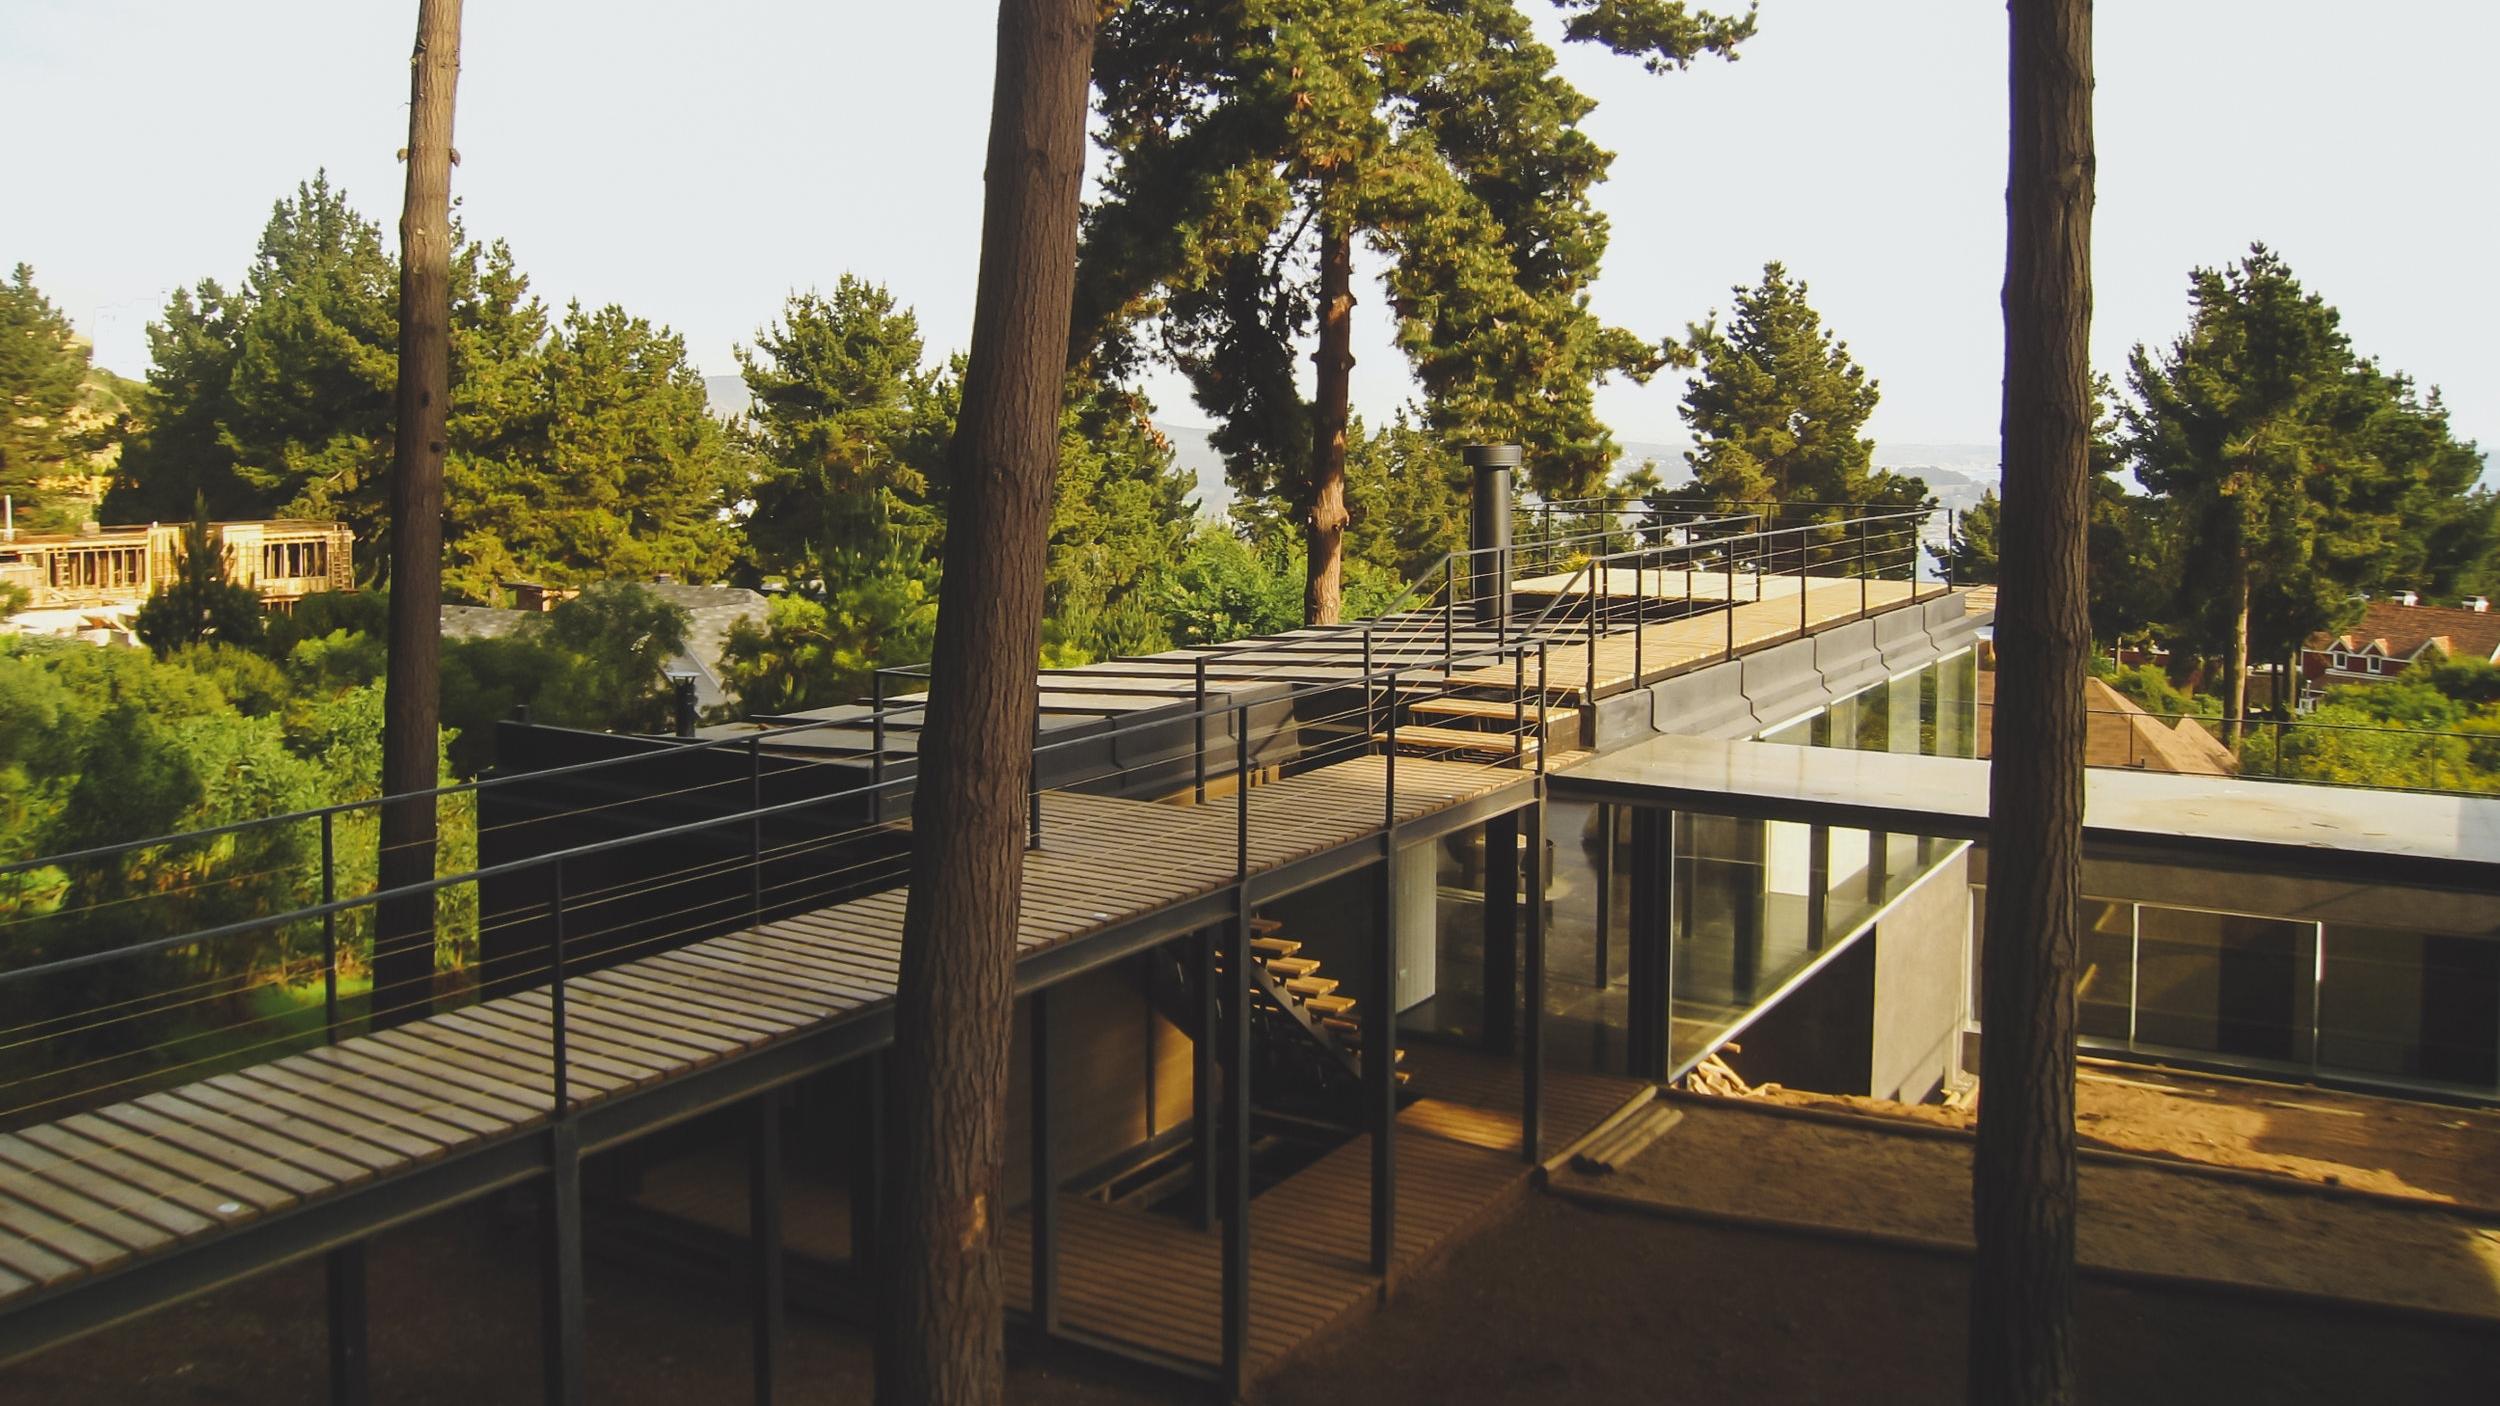 - Diseñamos y construimos casas y proyectos particulares